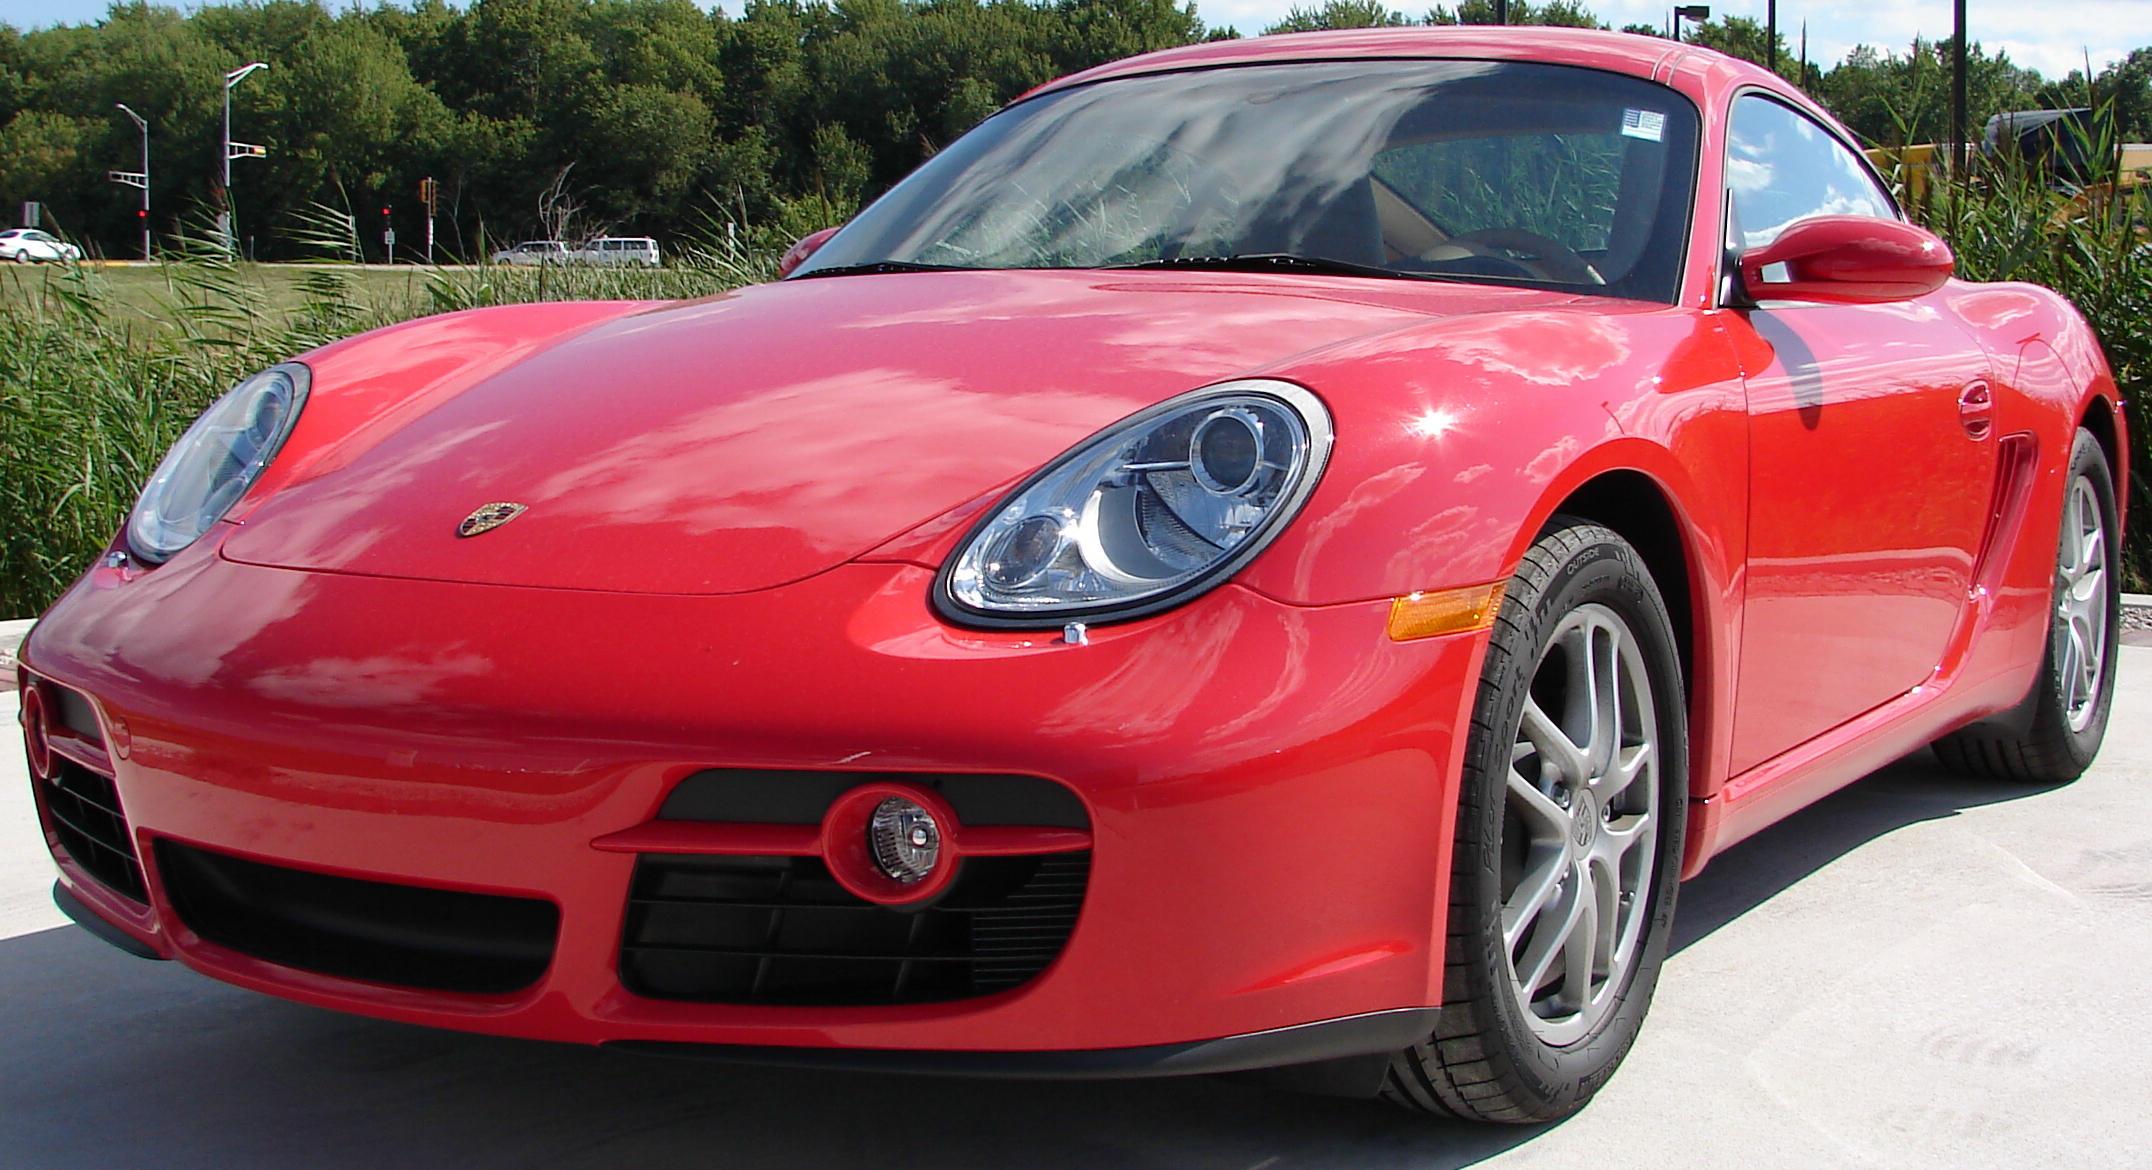 Red Porsche Car Red Porsche Cayman Car 4